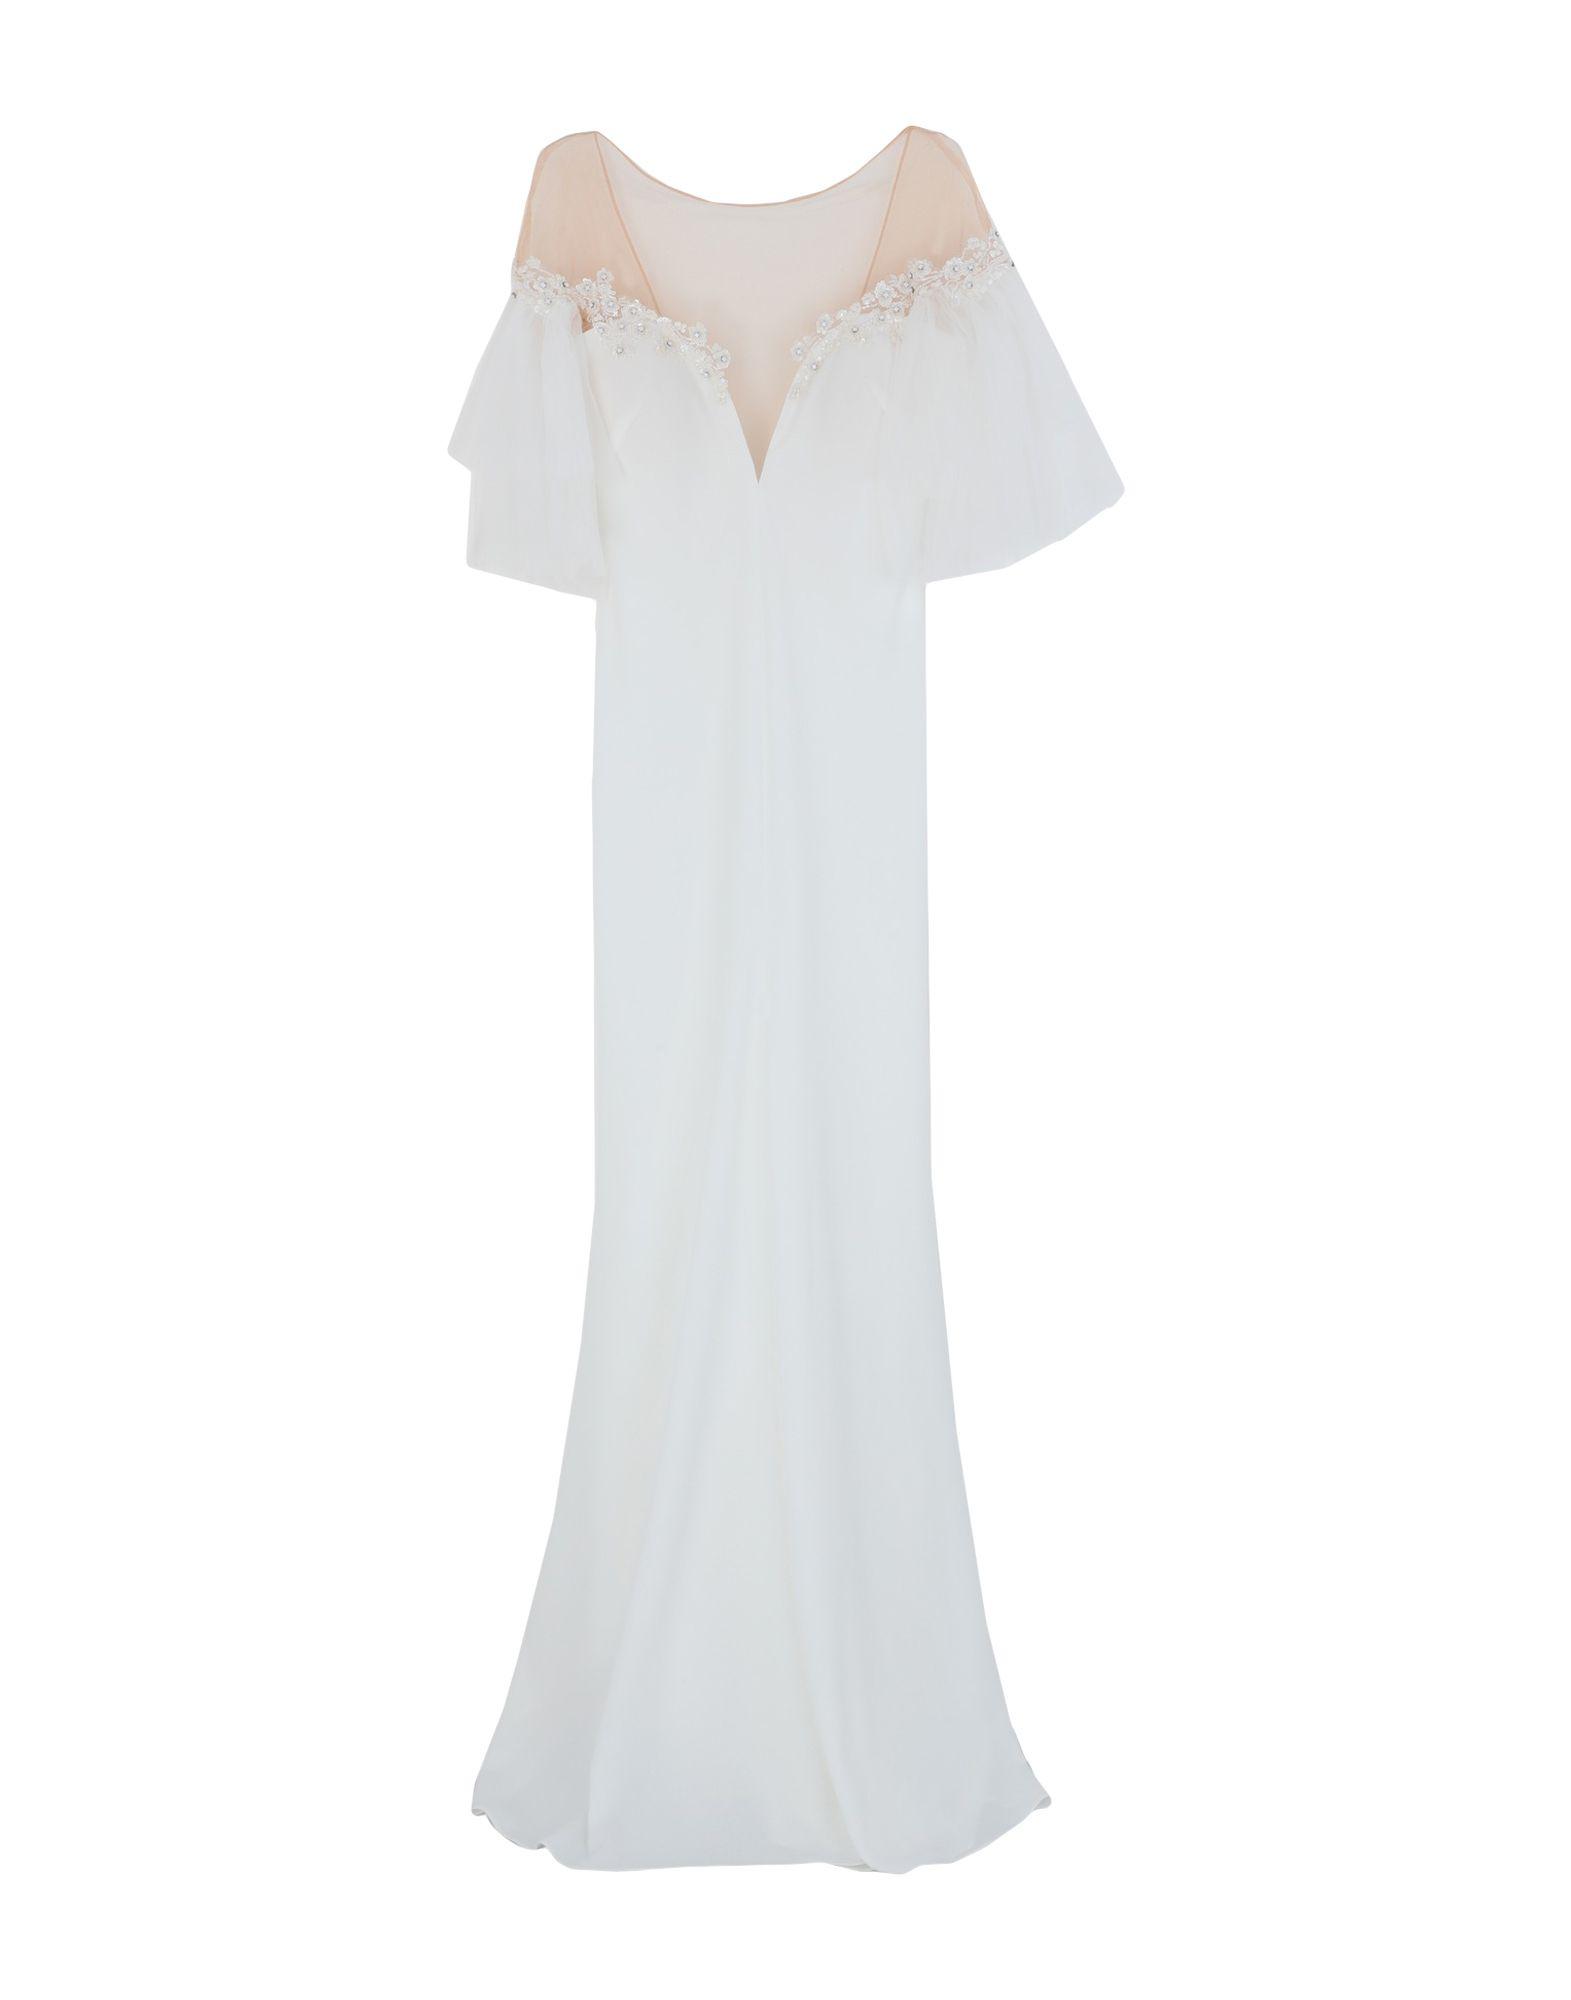 《セール開催中》BESIDE COUTURE by GEMY レディース ロングワンピース&ドレス ホワイト 6 ポリエステル 100%